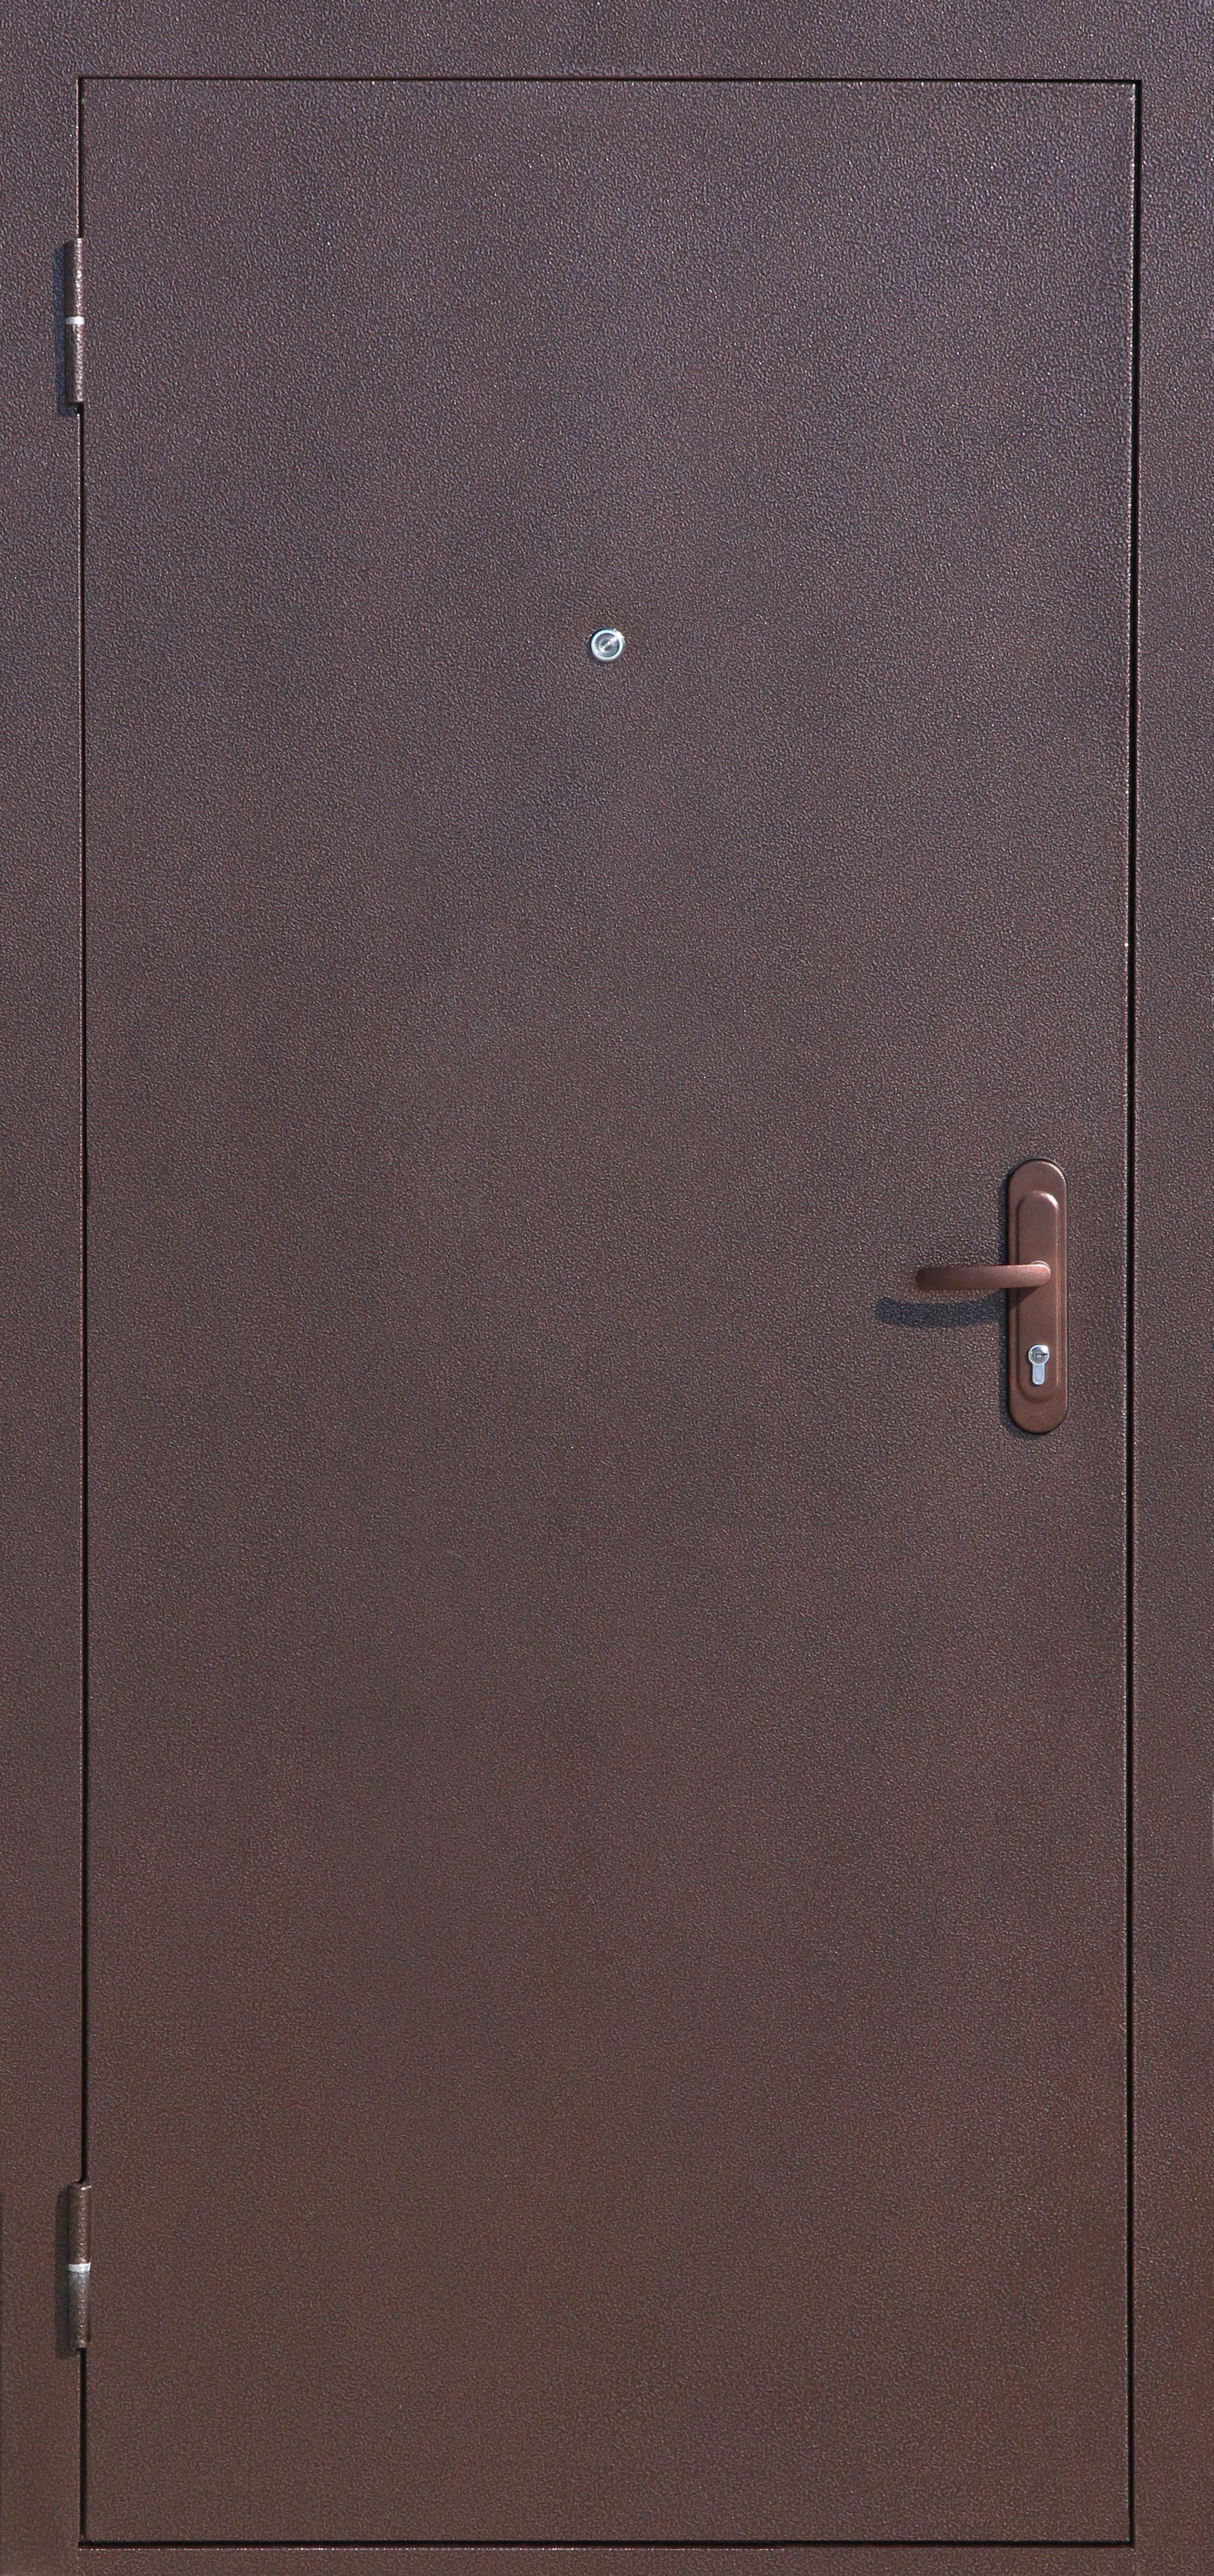 СтройГост 5-1 Металл/металл, однозамковая, Двухслойное полимерное покрытие: МЕДЬ